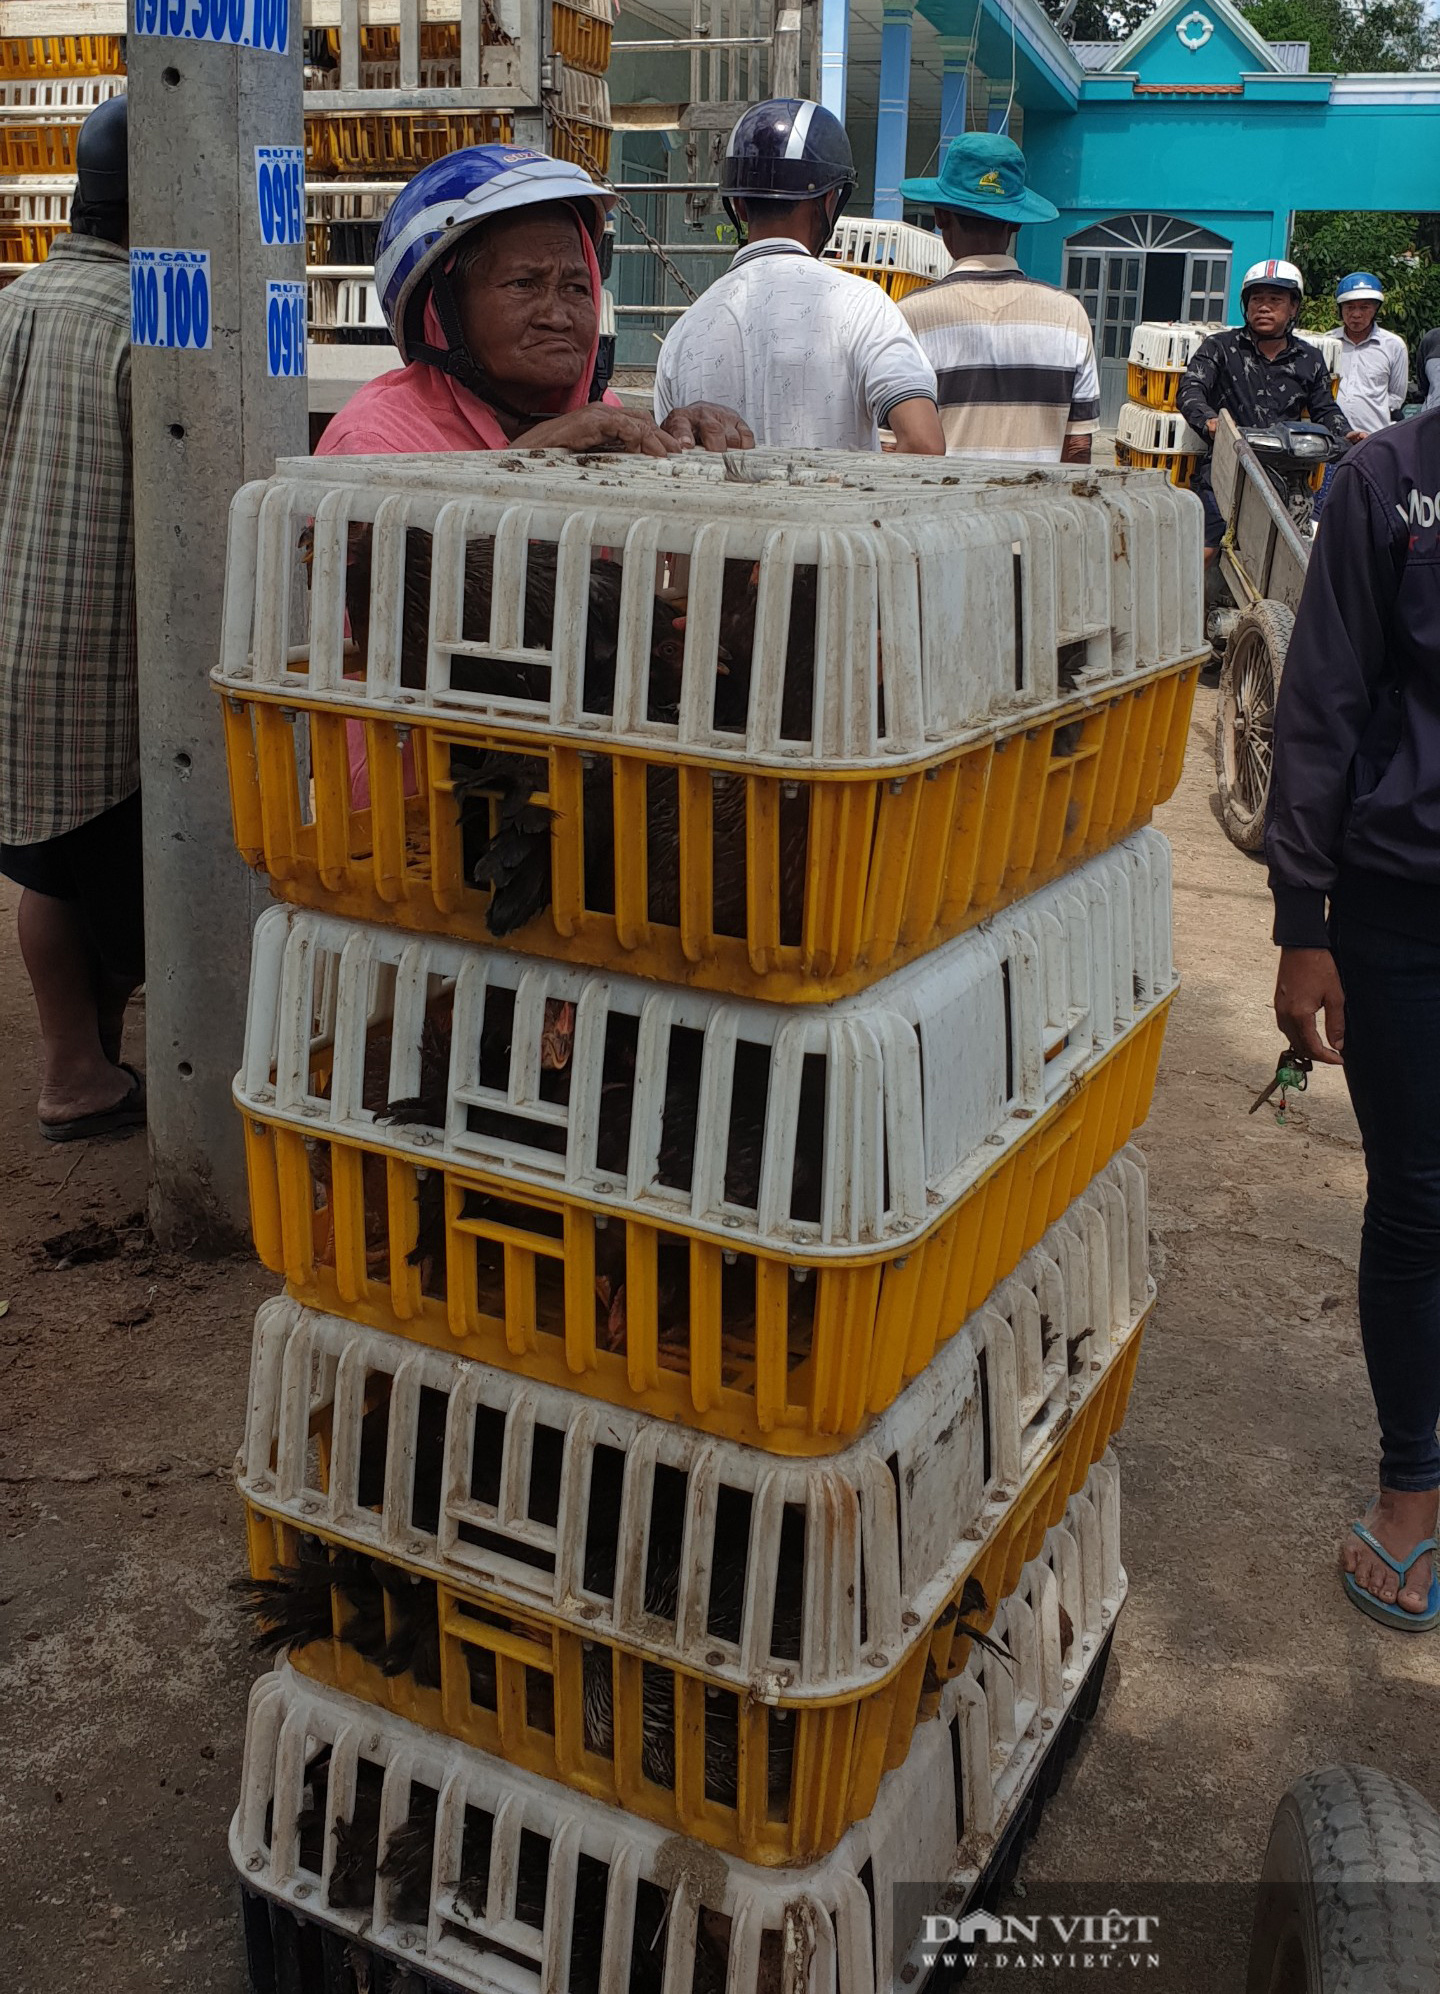 Trà Vinh: Người dân xã nghèo vui mừng đi nhận gà đẻ về nuôi miễn phí - Ảnh 6.